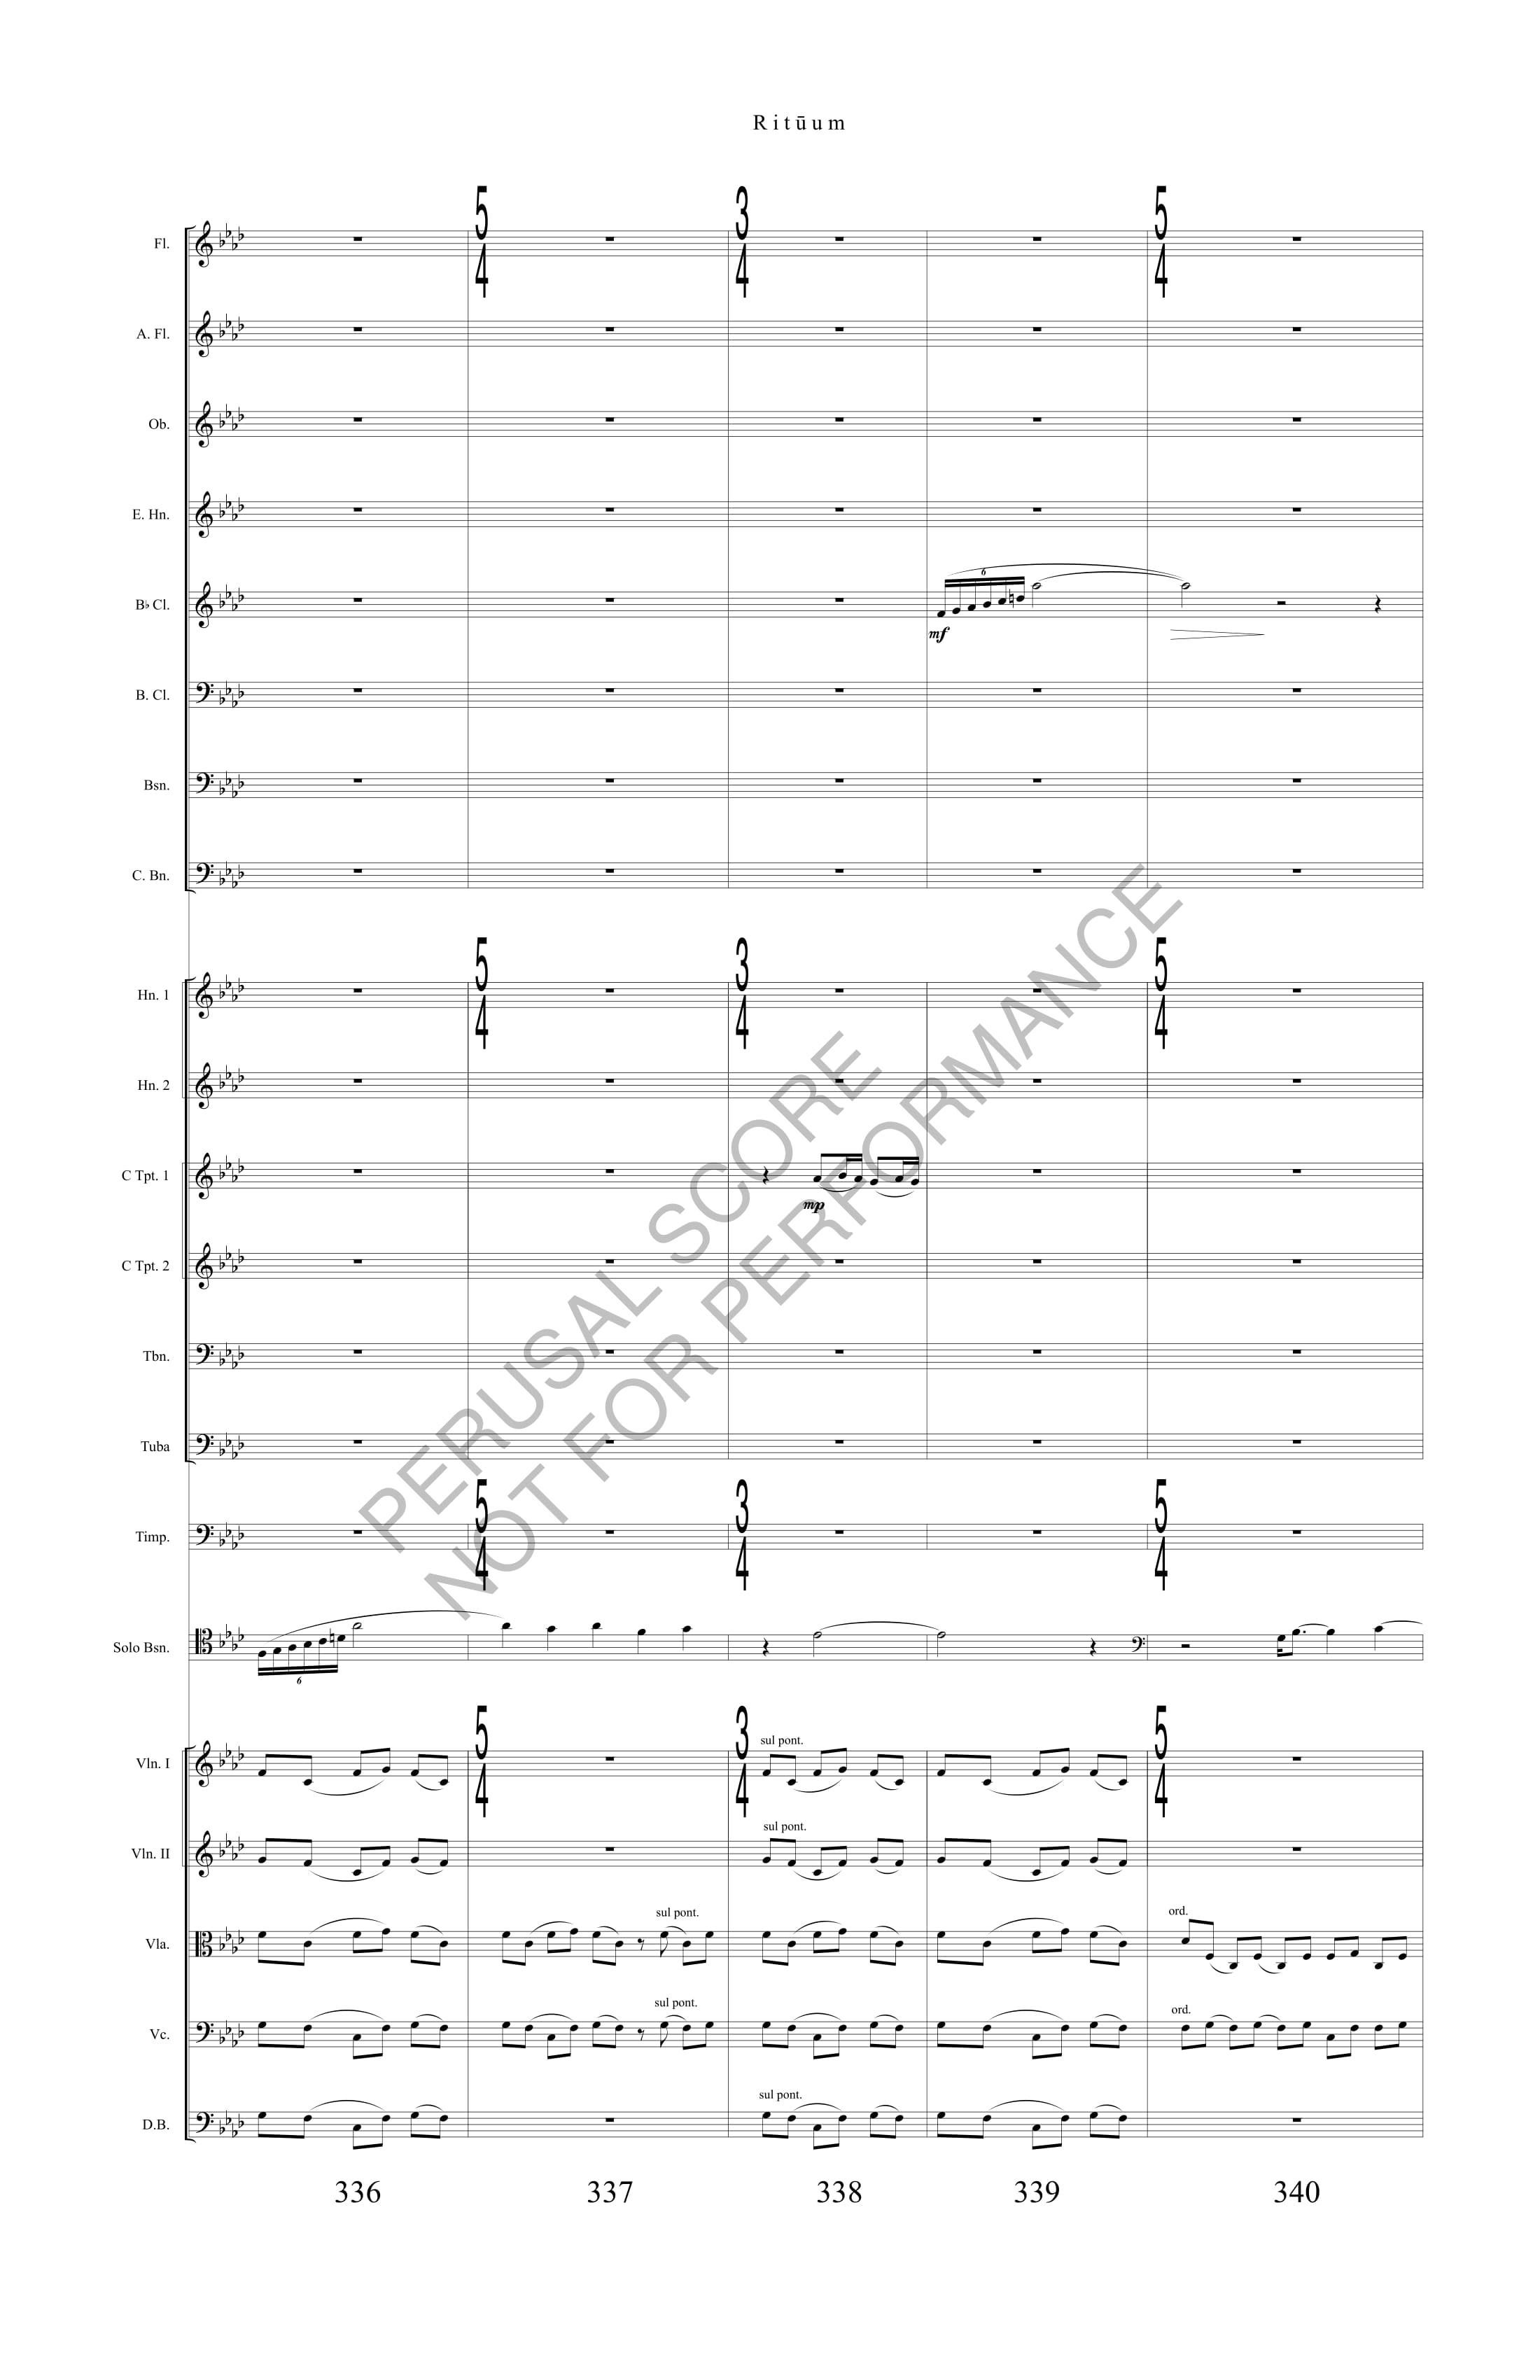 Boyd Rituum Score-watermark (1)-76.jpg